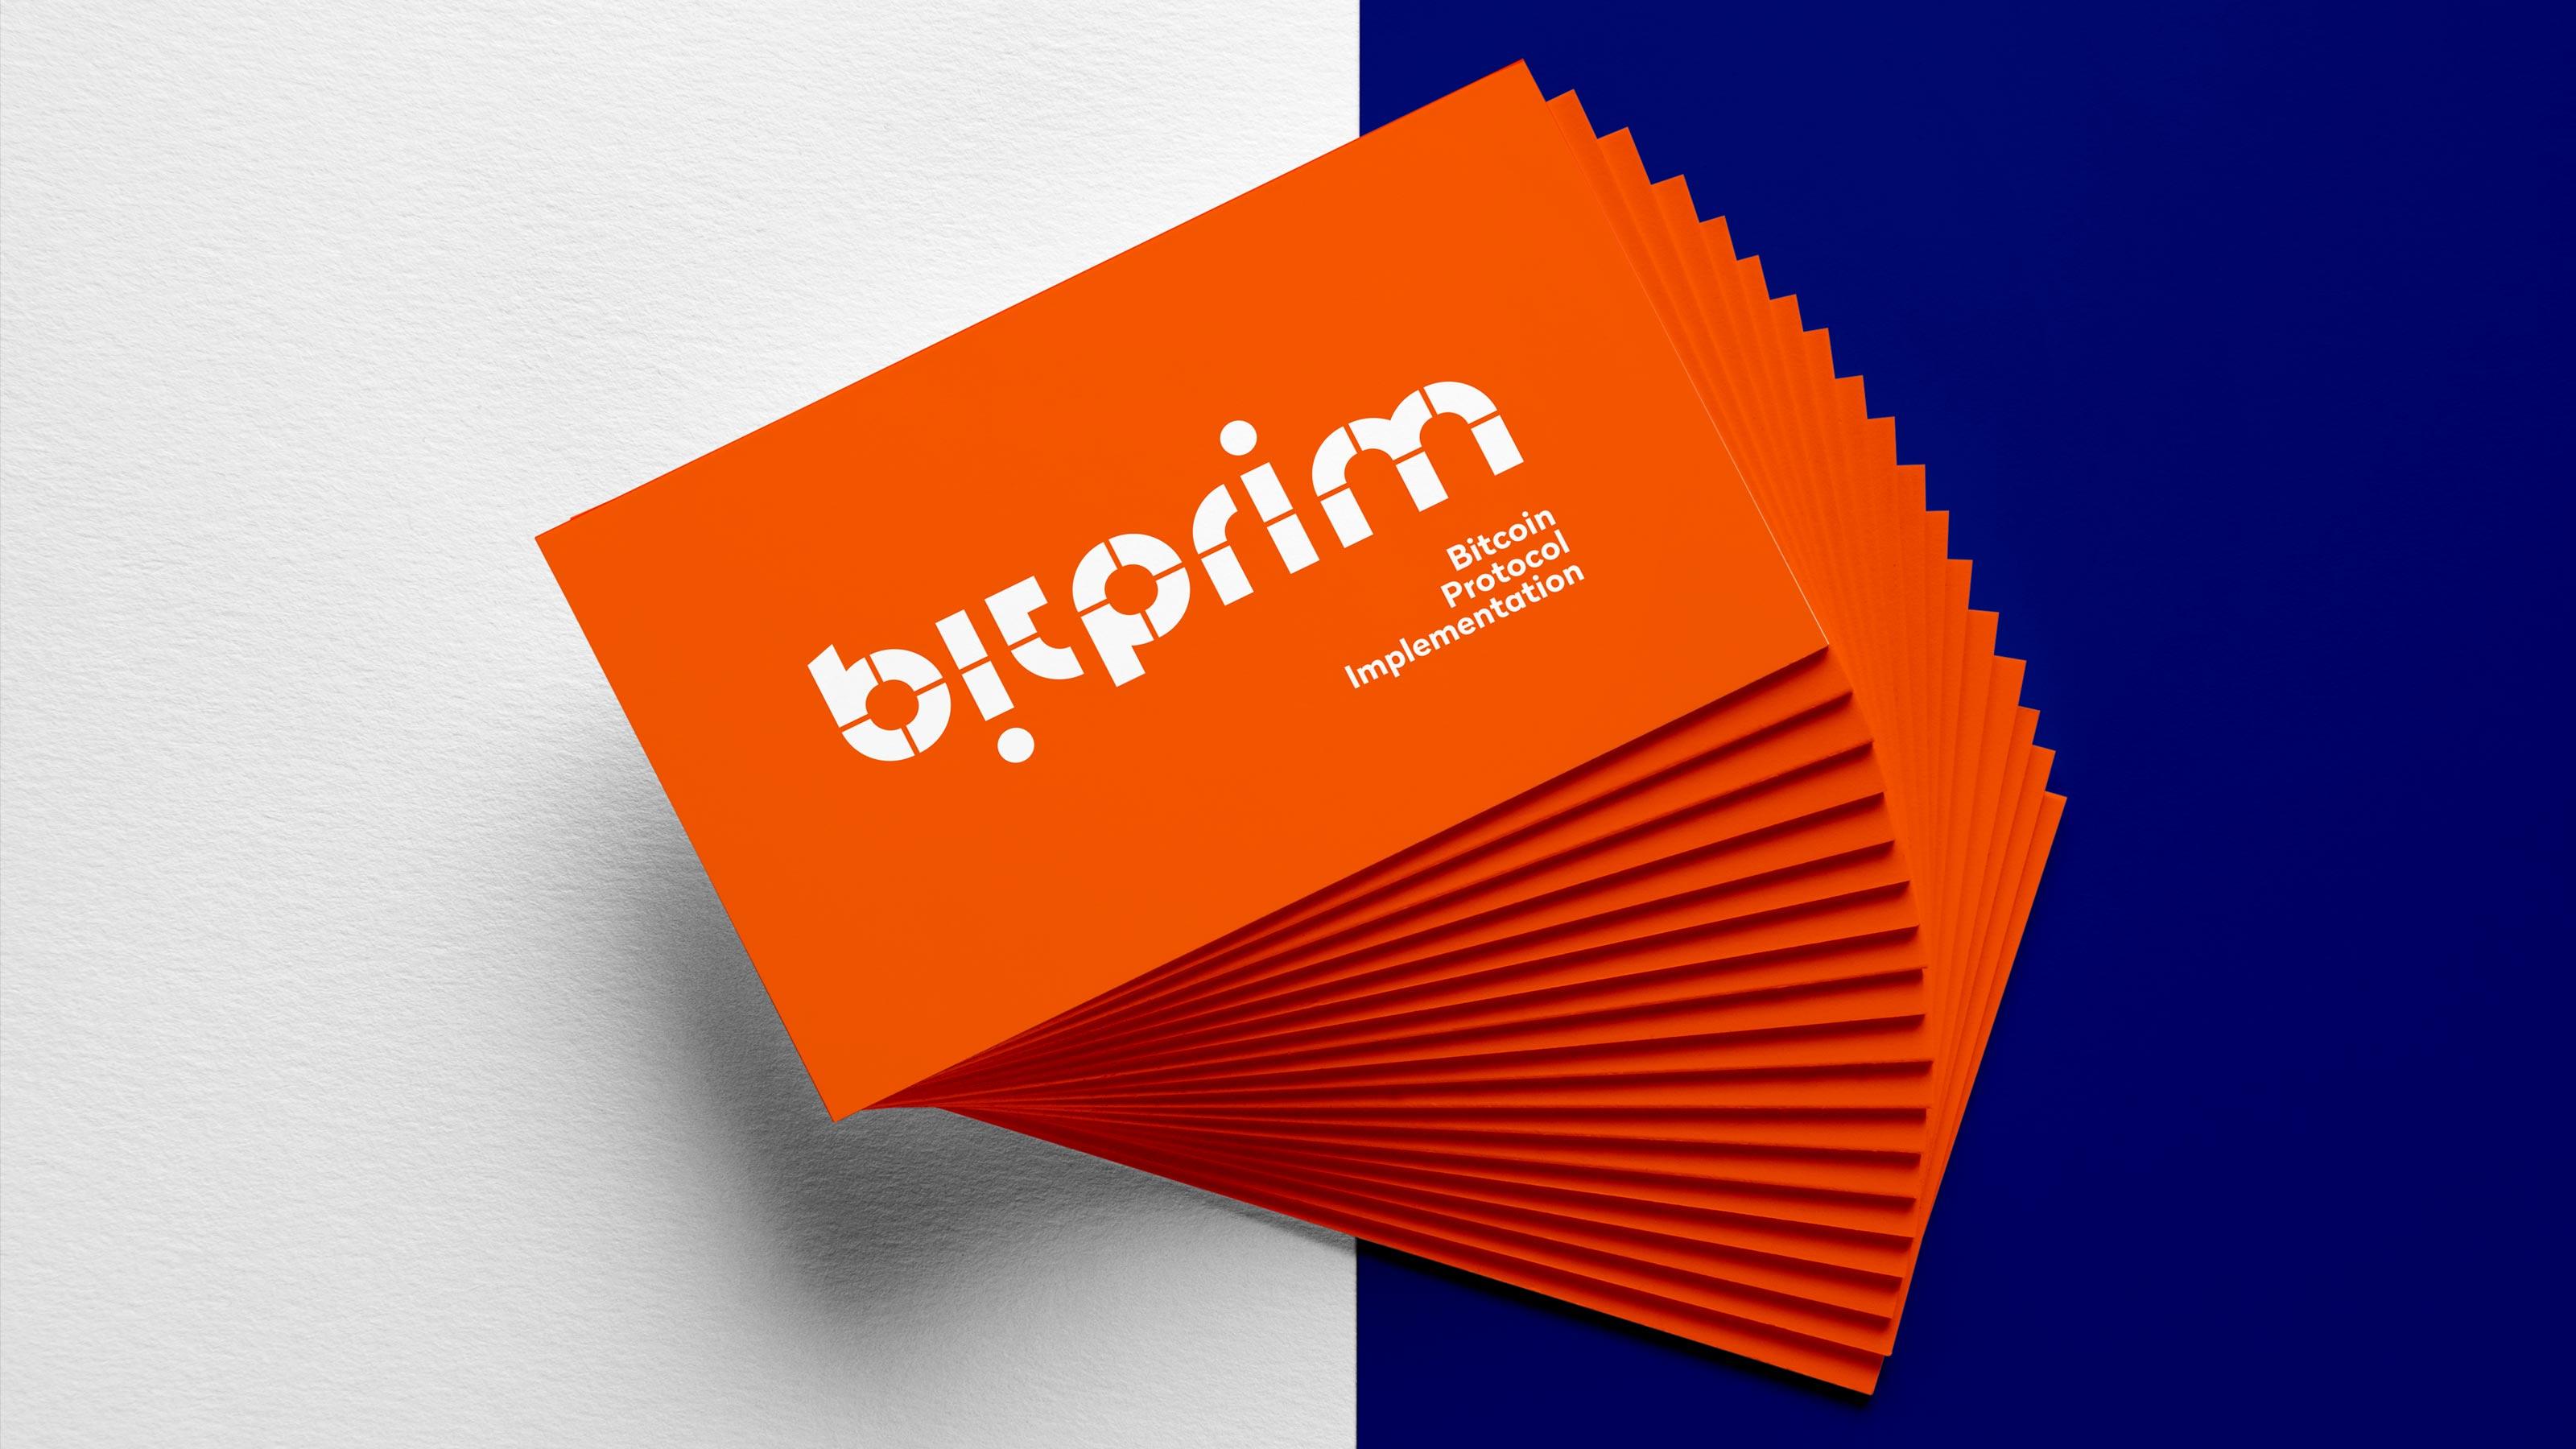 Bitprim